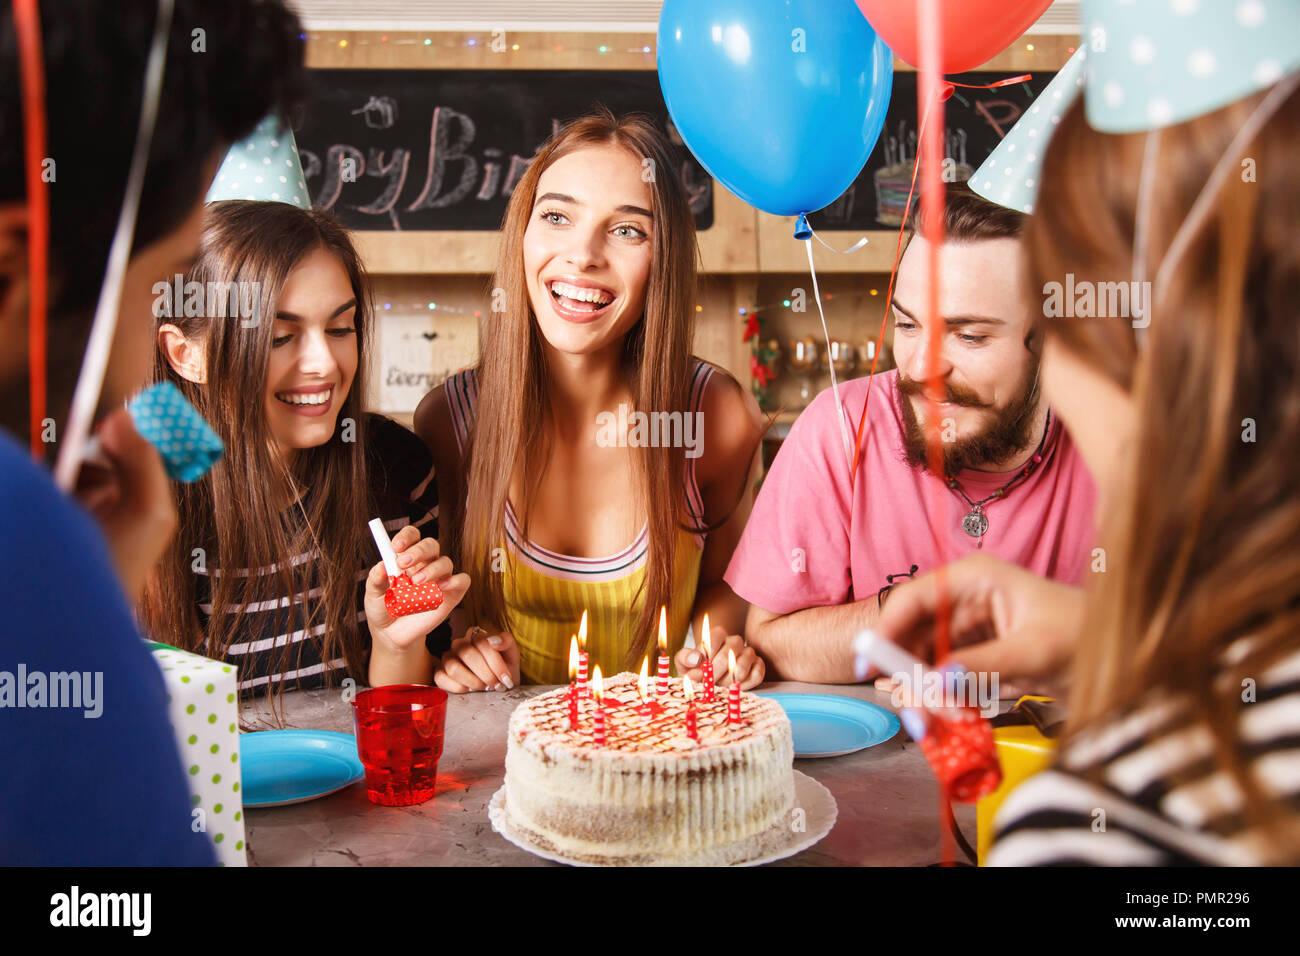 Cinq jeunes adultes célébrer un anniversaire comme ils assis autour d'une table avec des gâteaux et chapeaux de fête Photo Stock